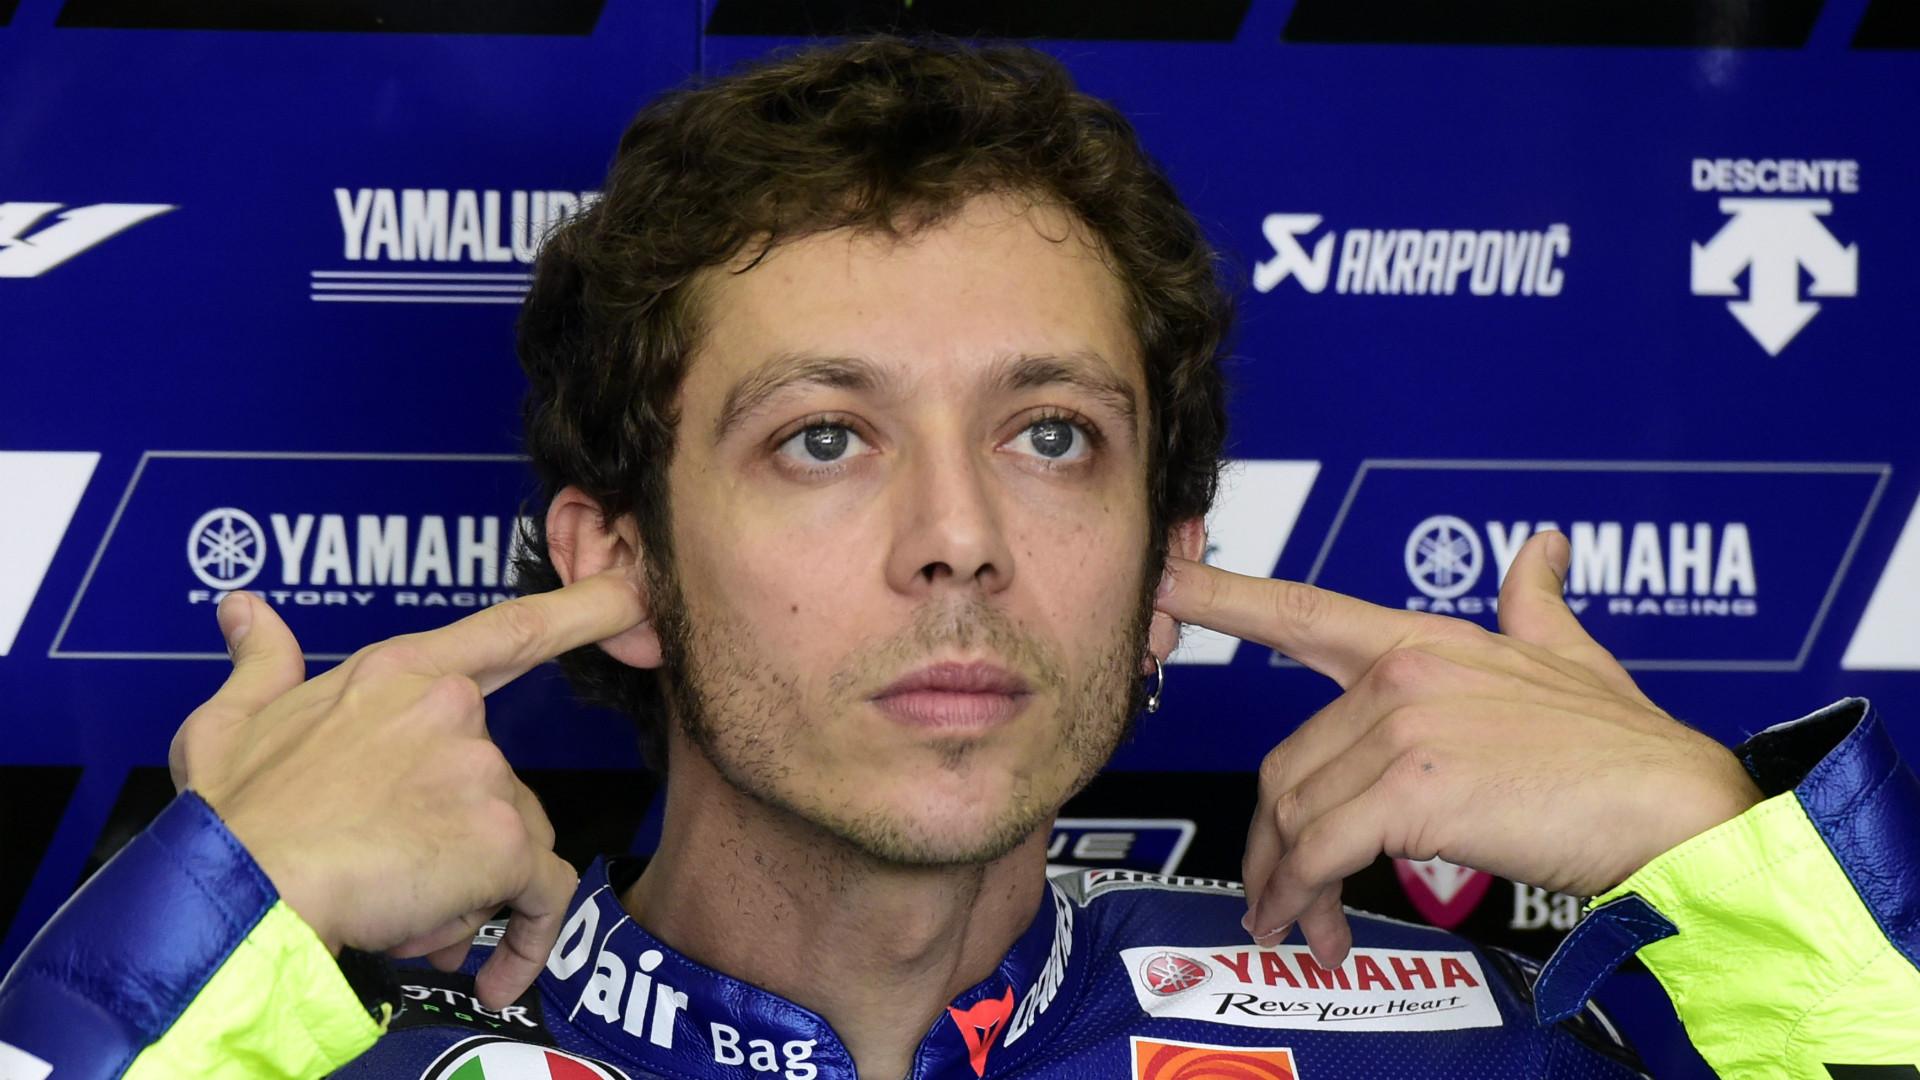 MotoGP: Lorenzo campione, a Rossi non basta una super rimonta